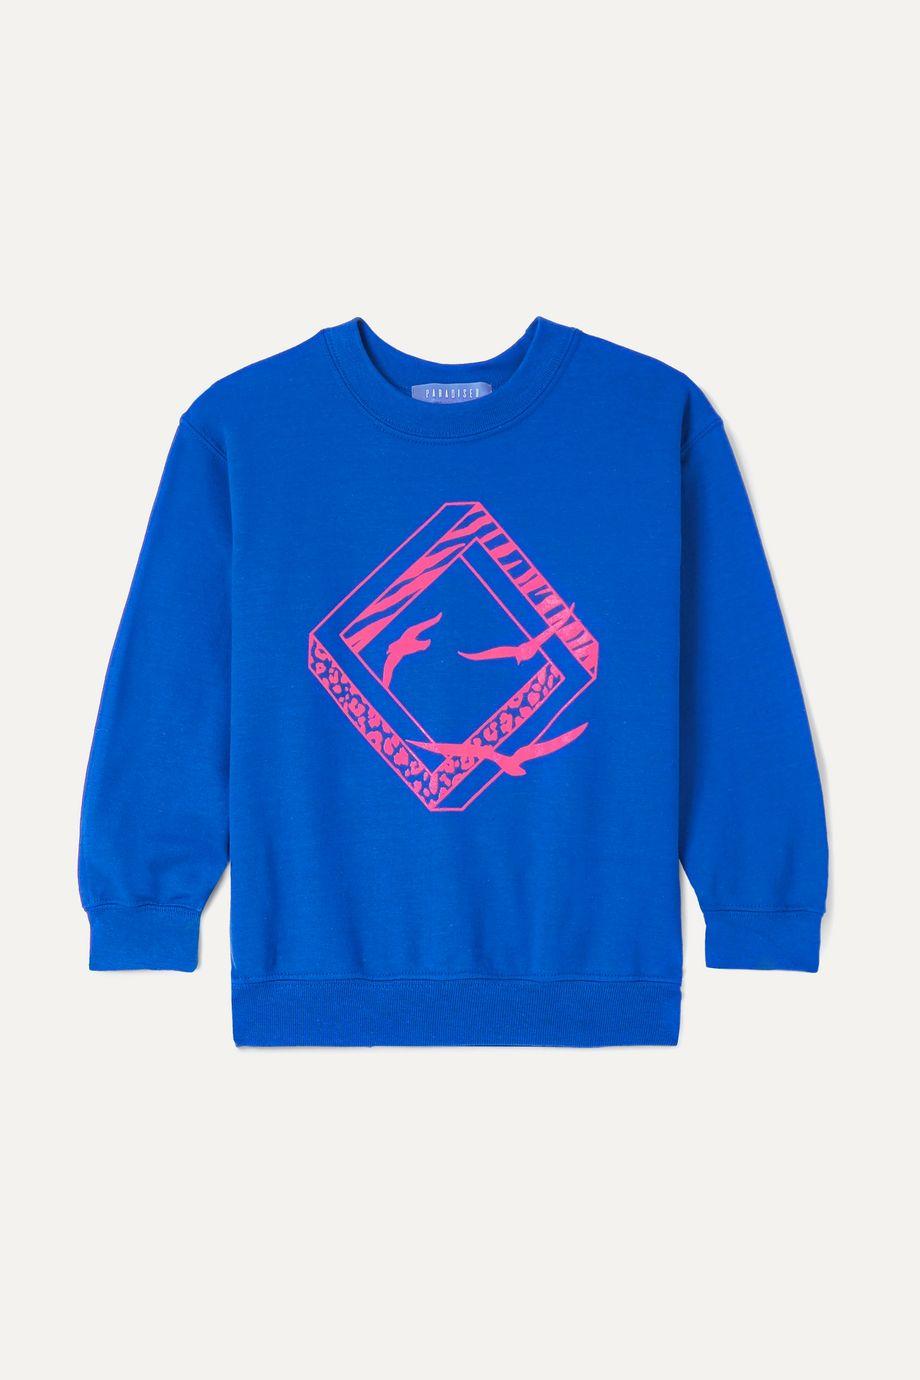 Paradised Kids Sweatshirt aus Jersey aus einer Baumwollmischung mit neonfarbenem Print